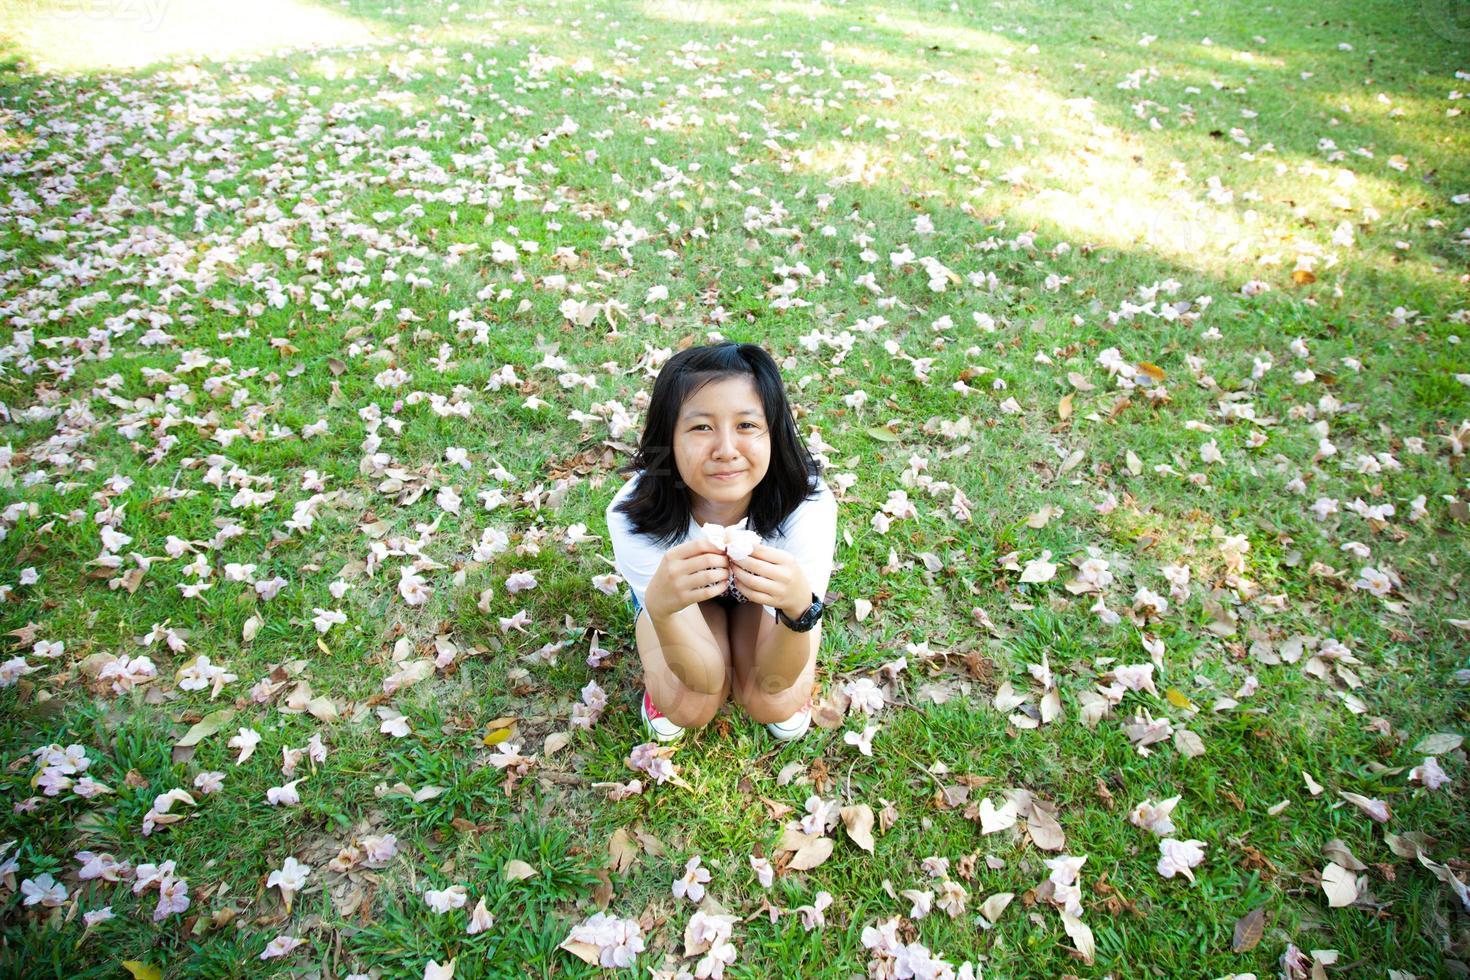 Teenager-Mädchen sitzt auf Gras foto